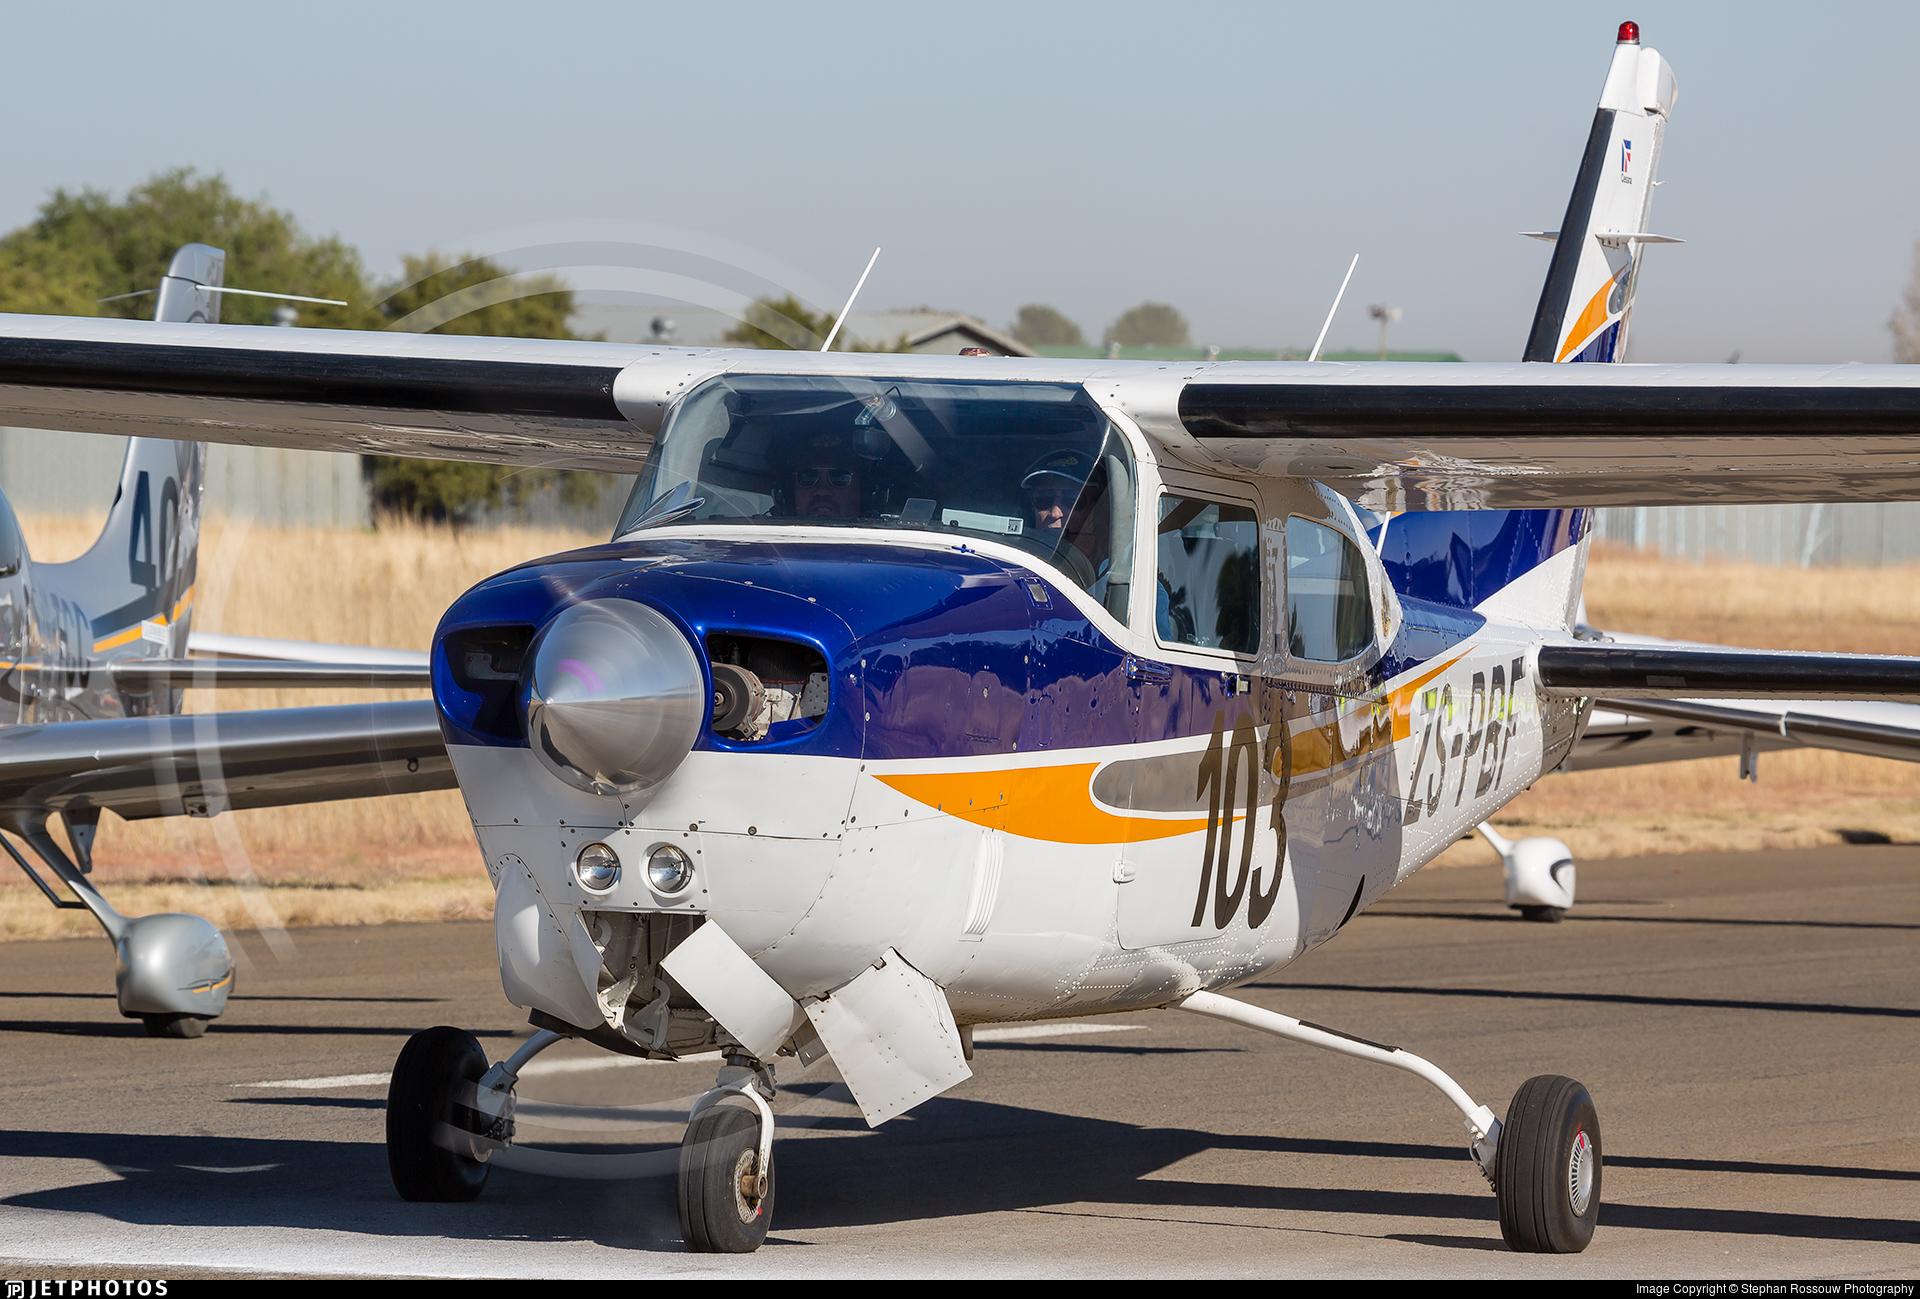 ZS-PBF - Cessna T210R Turbo Centurion II - Private